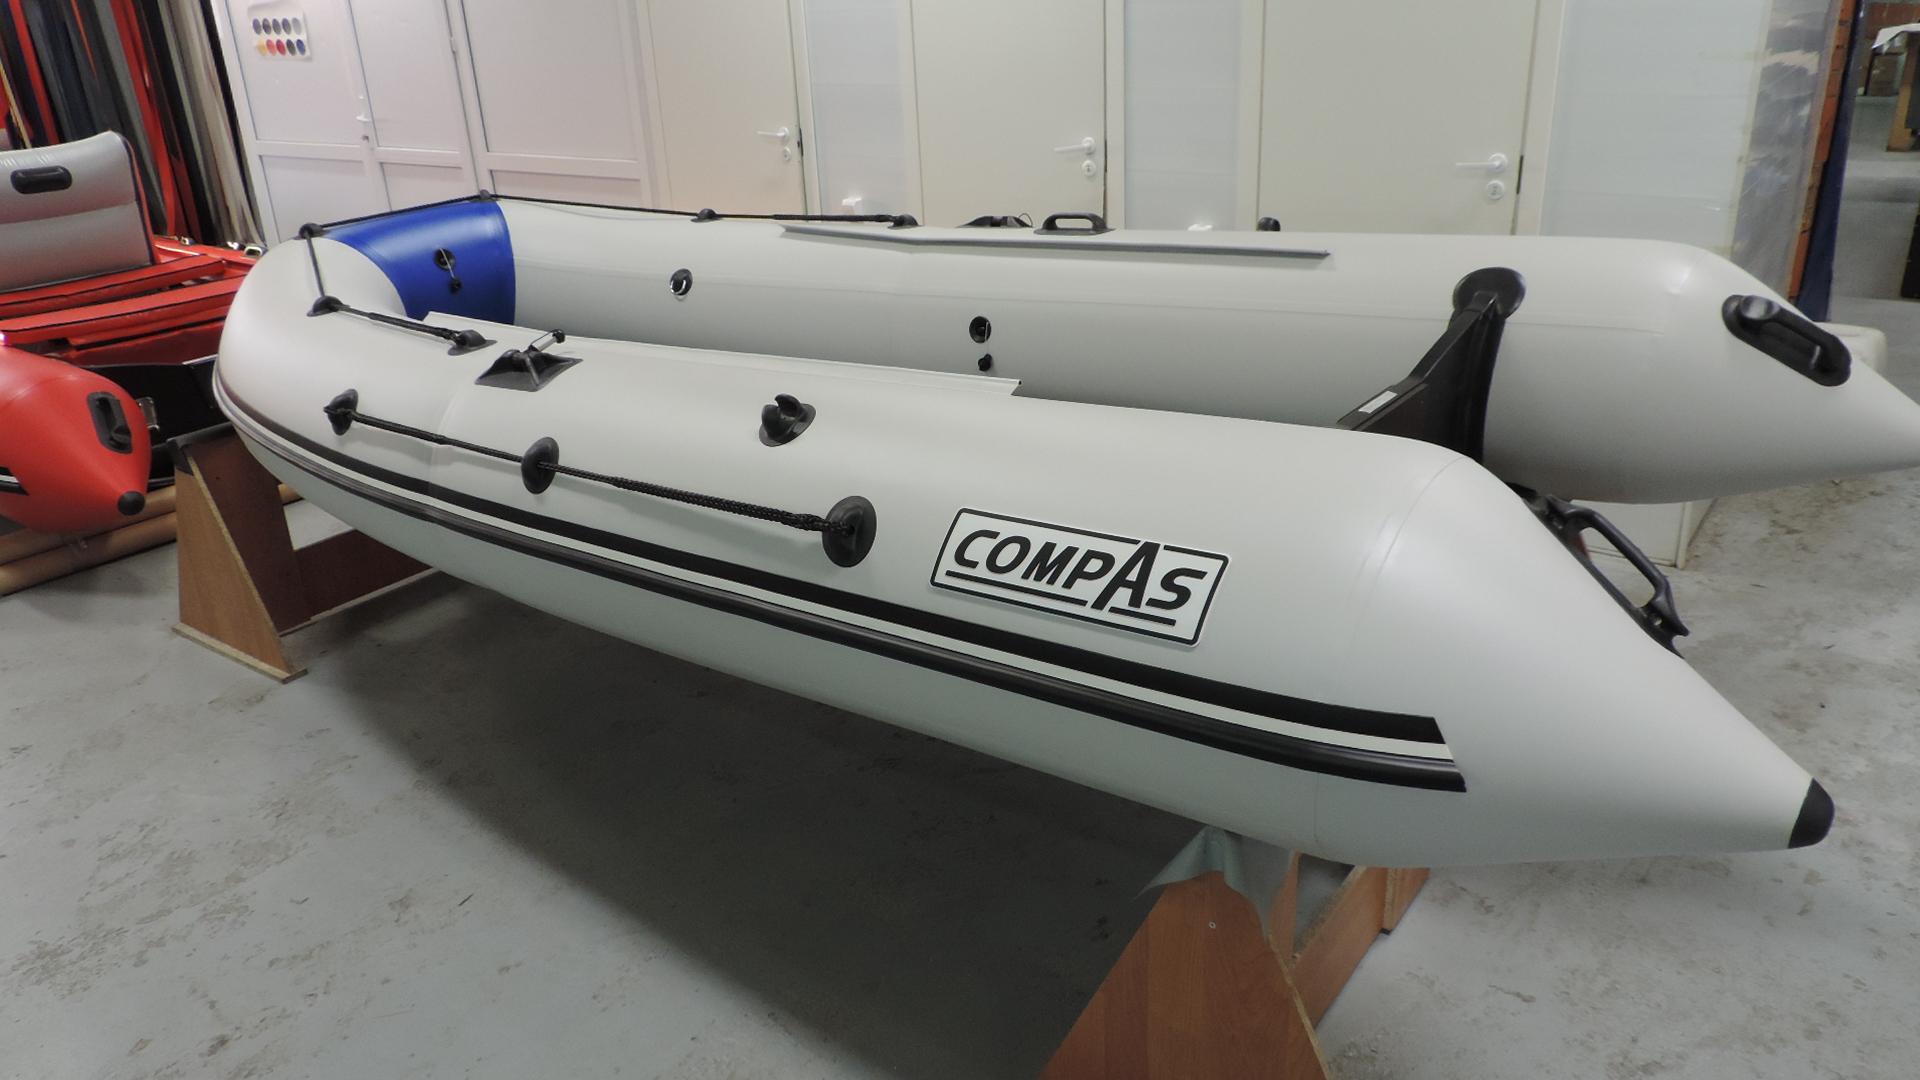 CompAs 380s